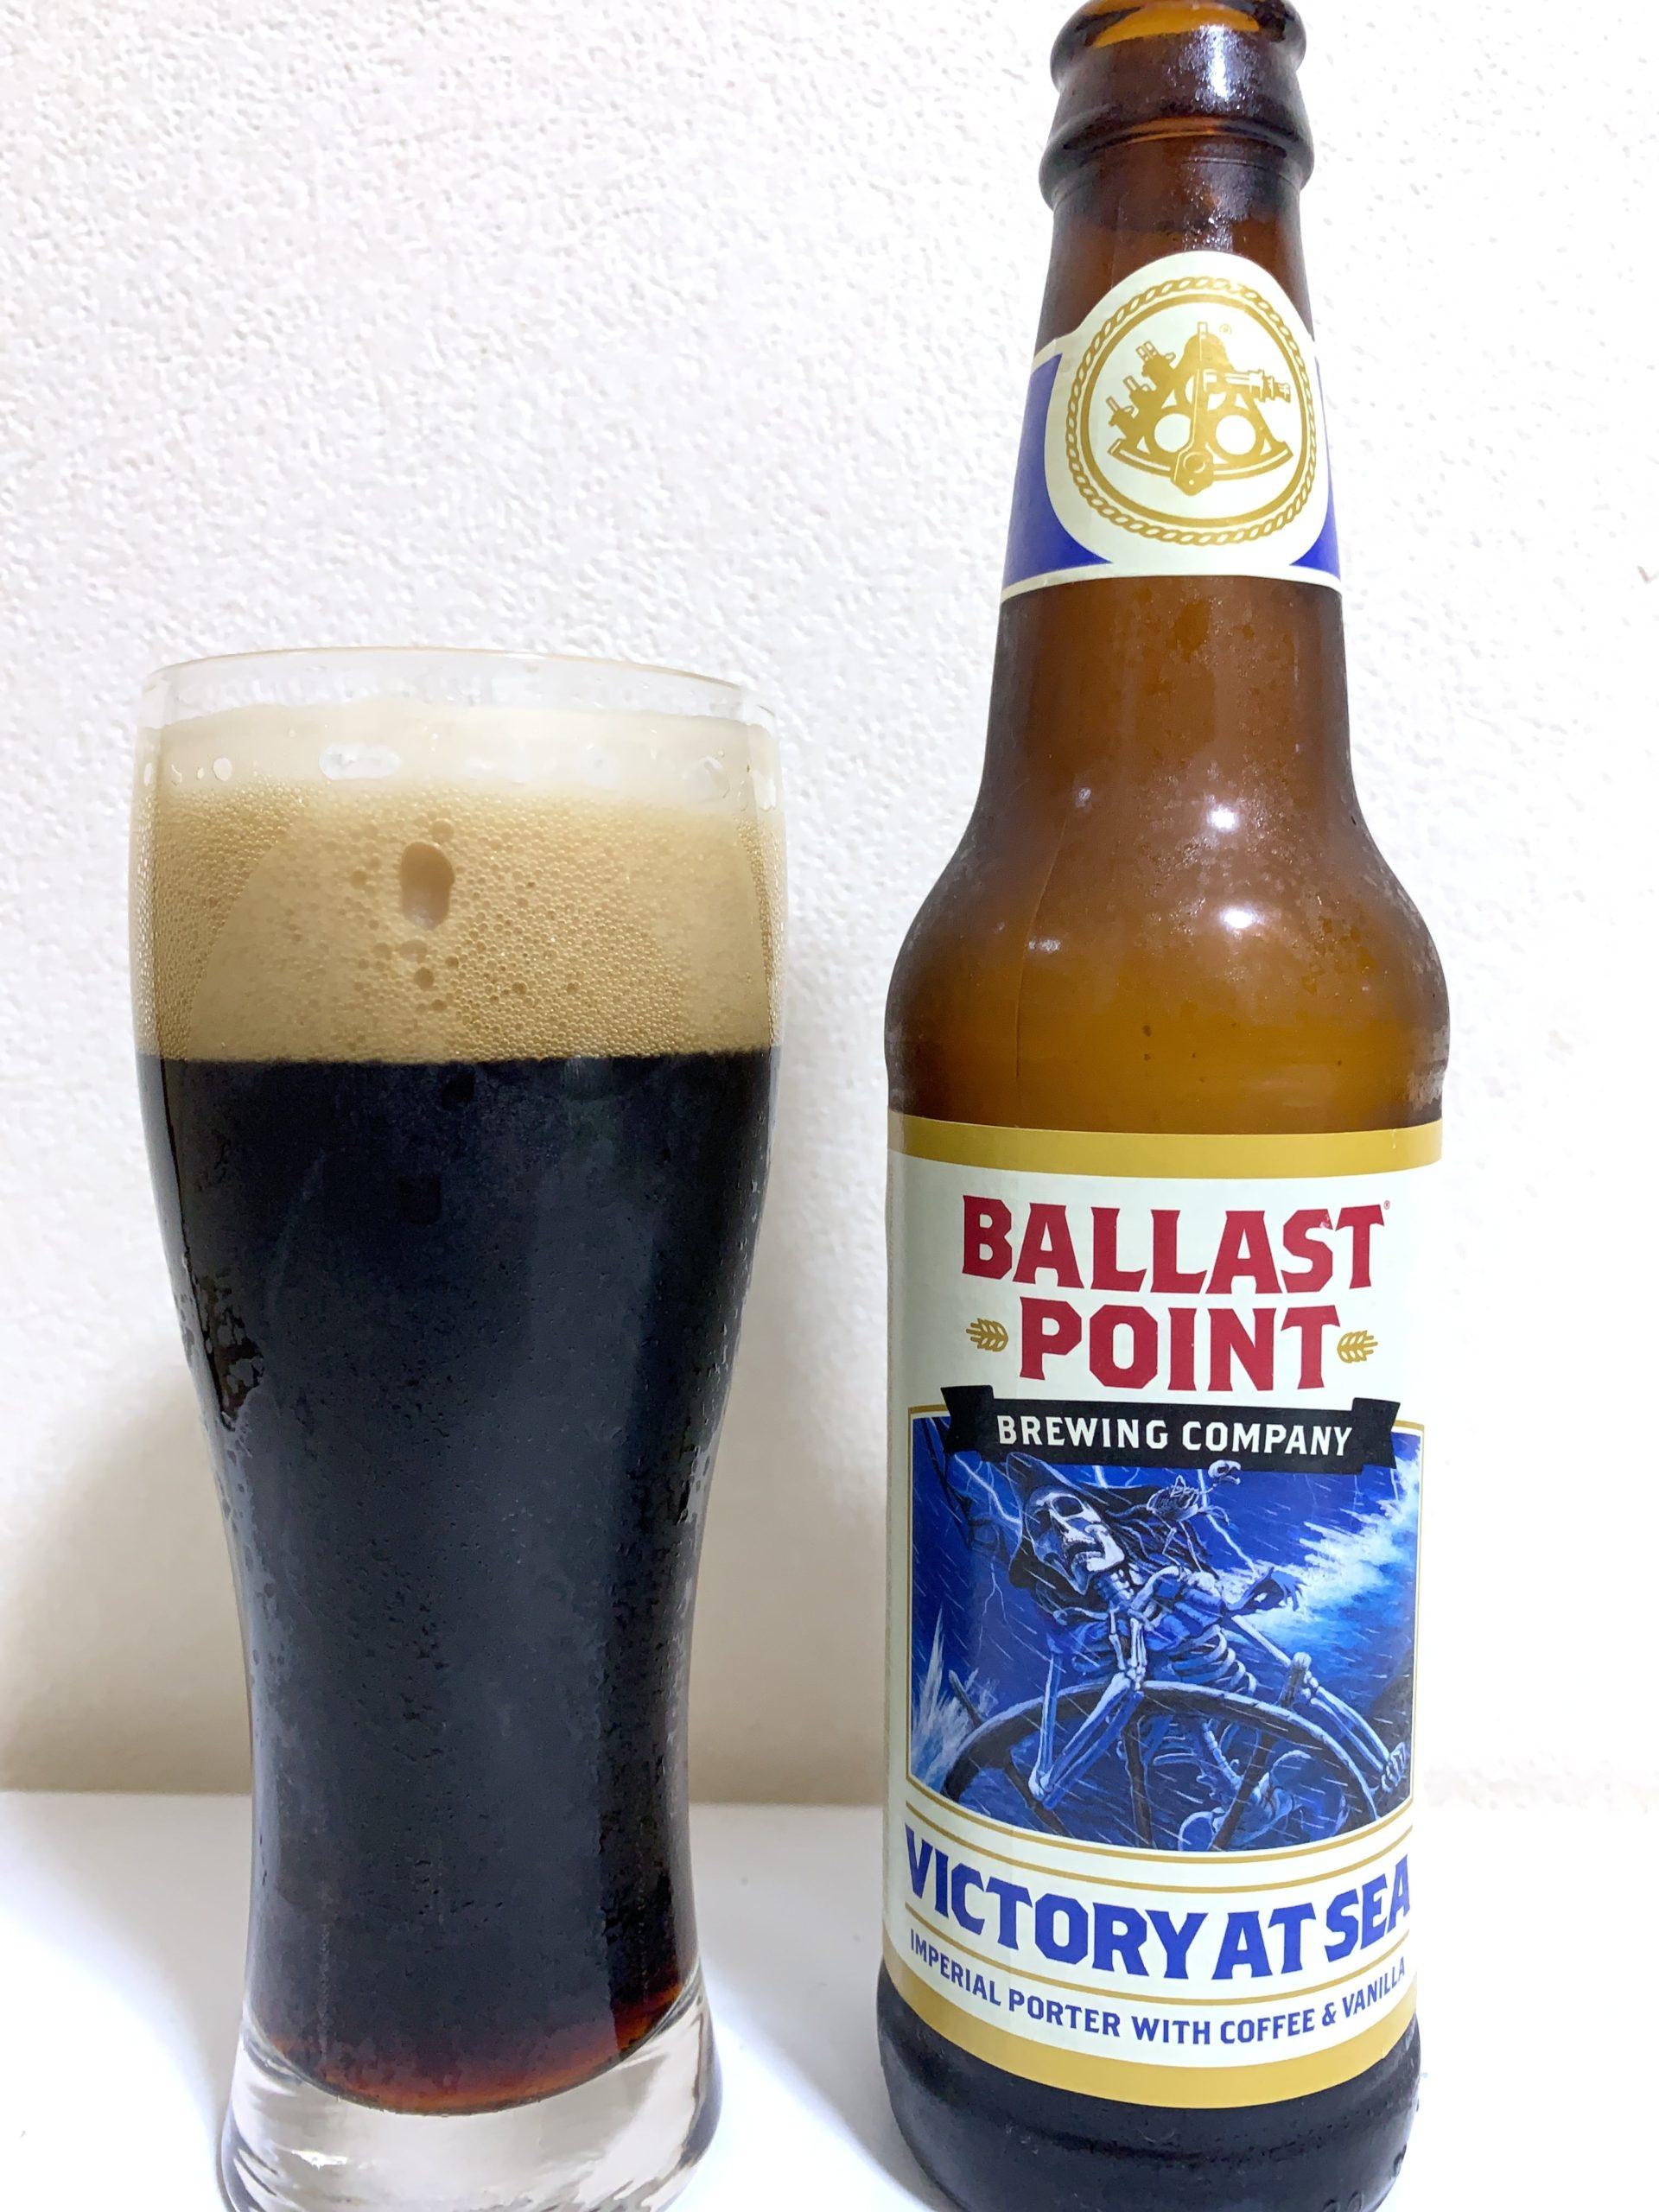 BALLAST POINT VICTORY AT SEA(バラストポイント ビクトリーアットシー)